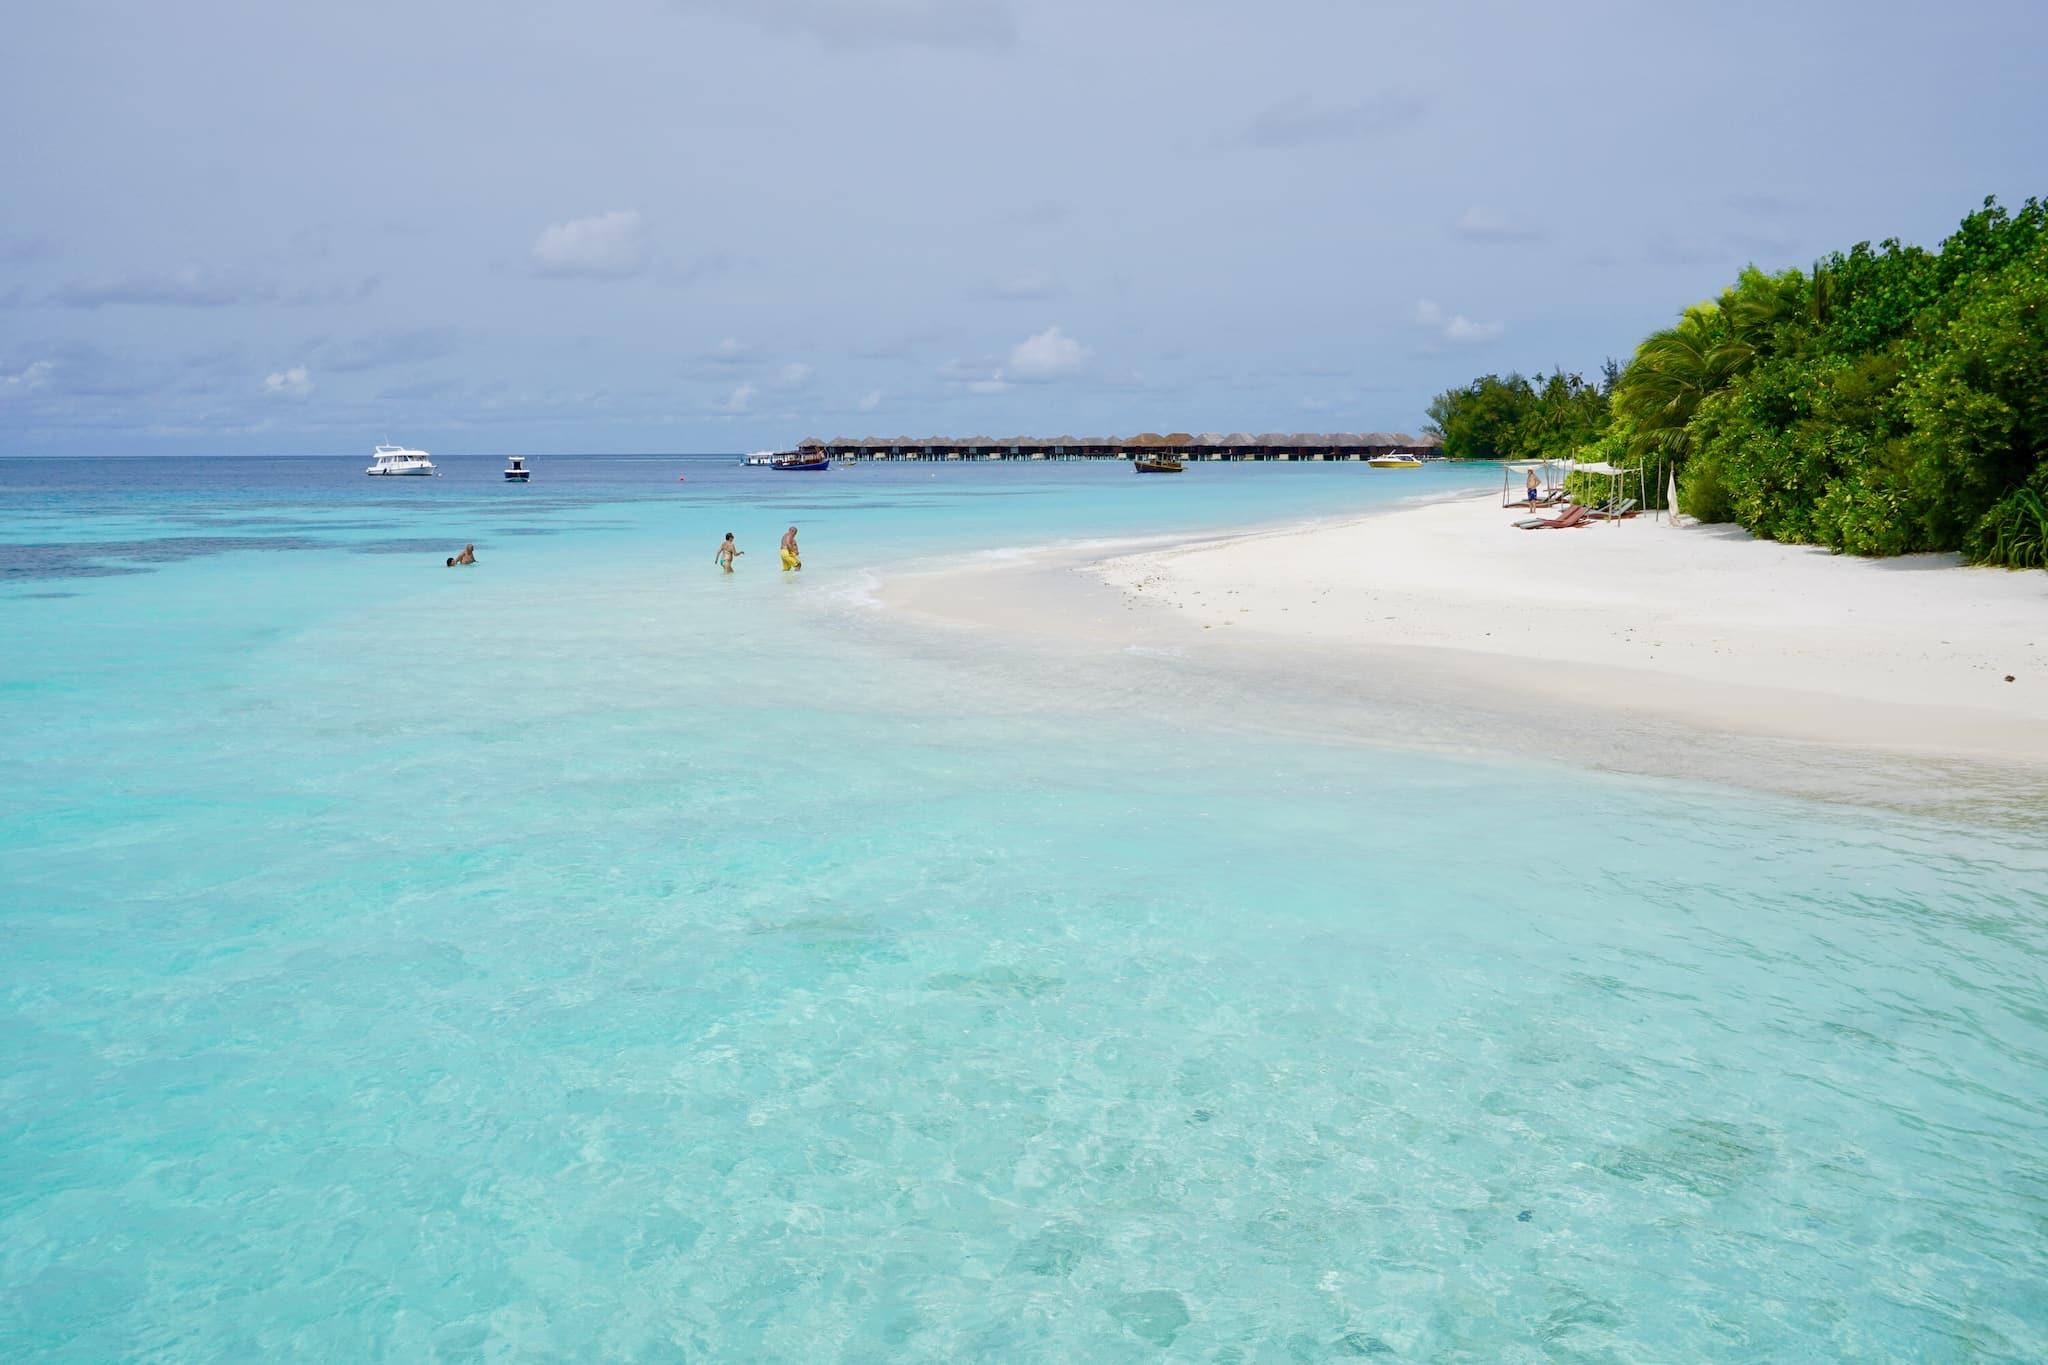 Seichtes, glasklares und lauwarmes Wasser: Die Lagune ist eines der Highlights vieler Resortinseln. Foto: Sascha Tegtmeyer Reisebericht Malediven Tipps